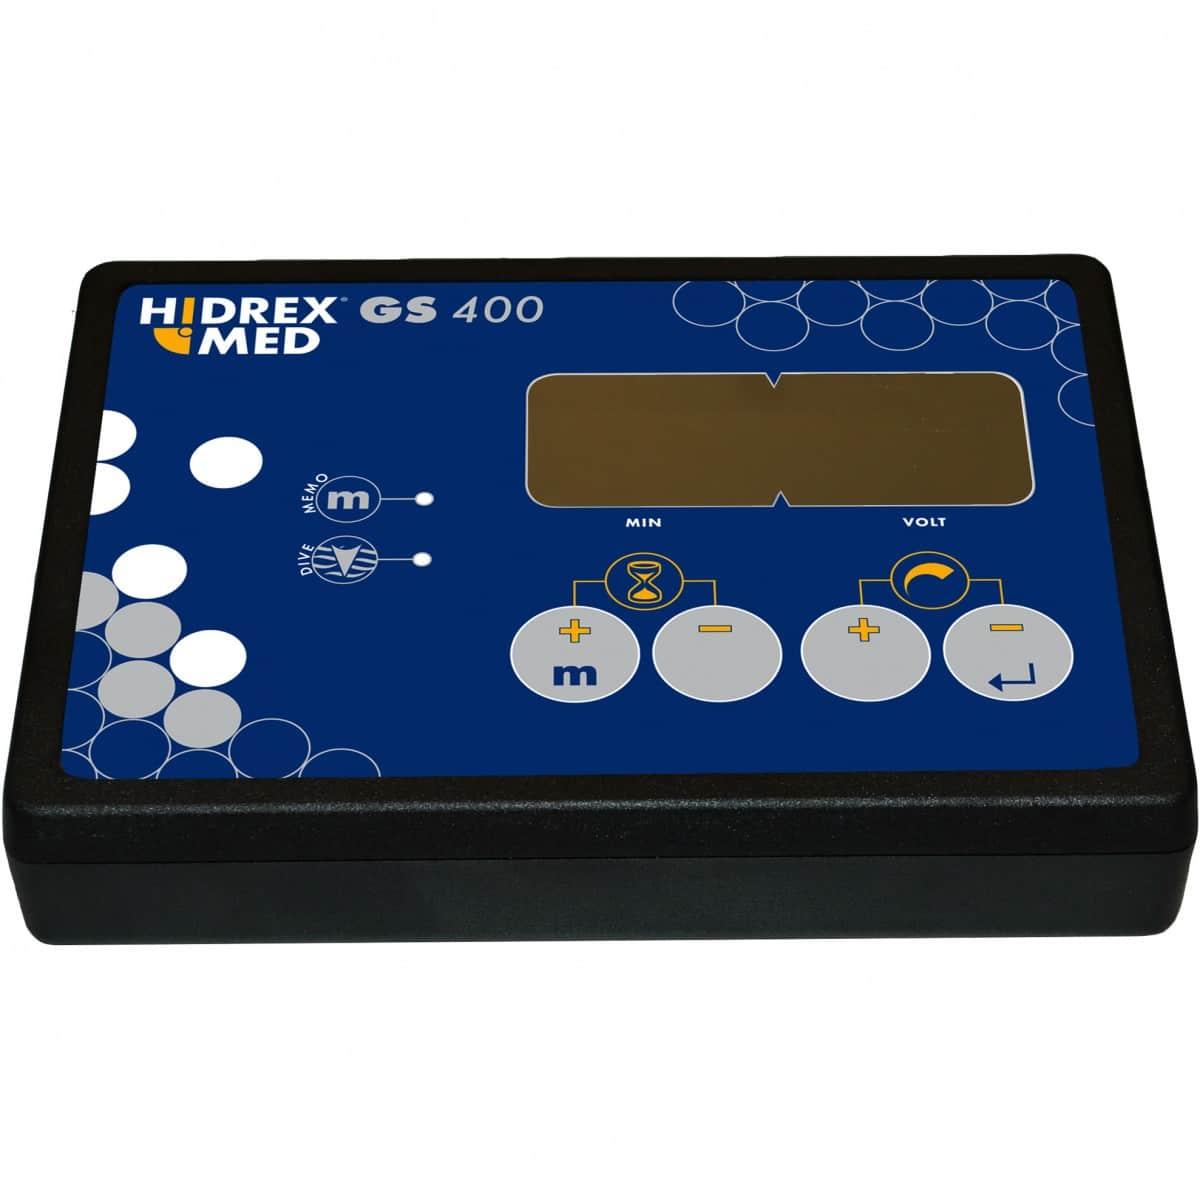 Hidrex GS400